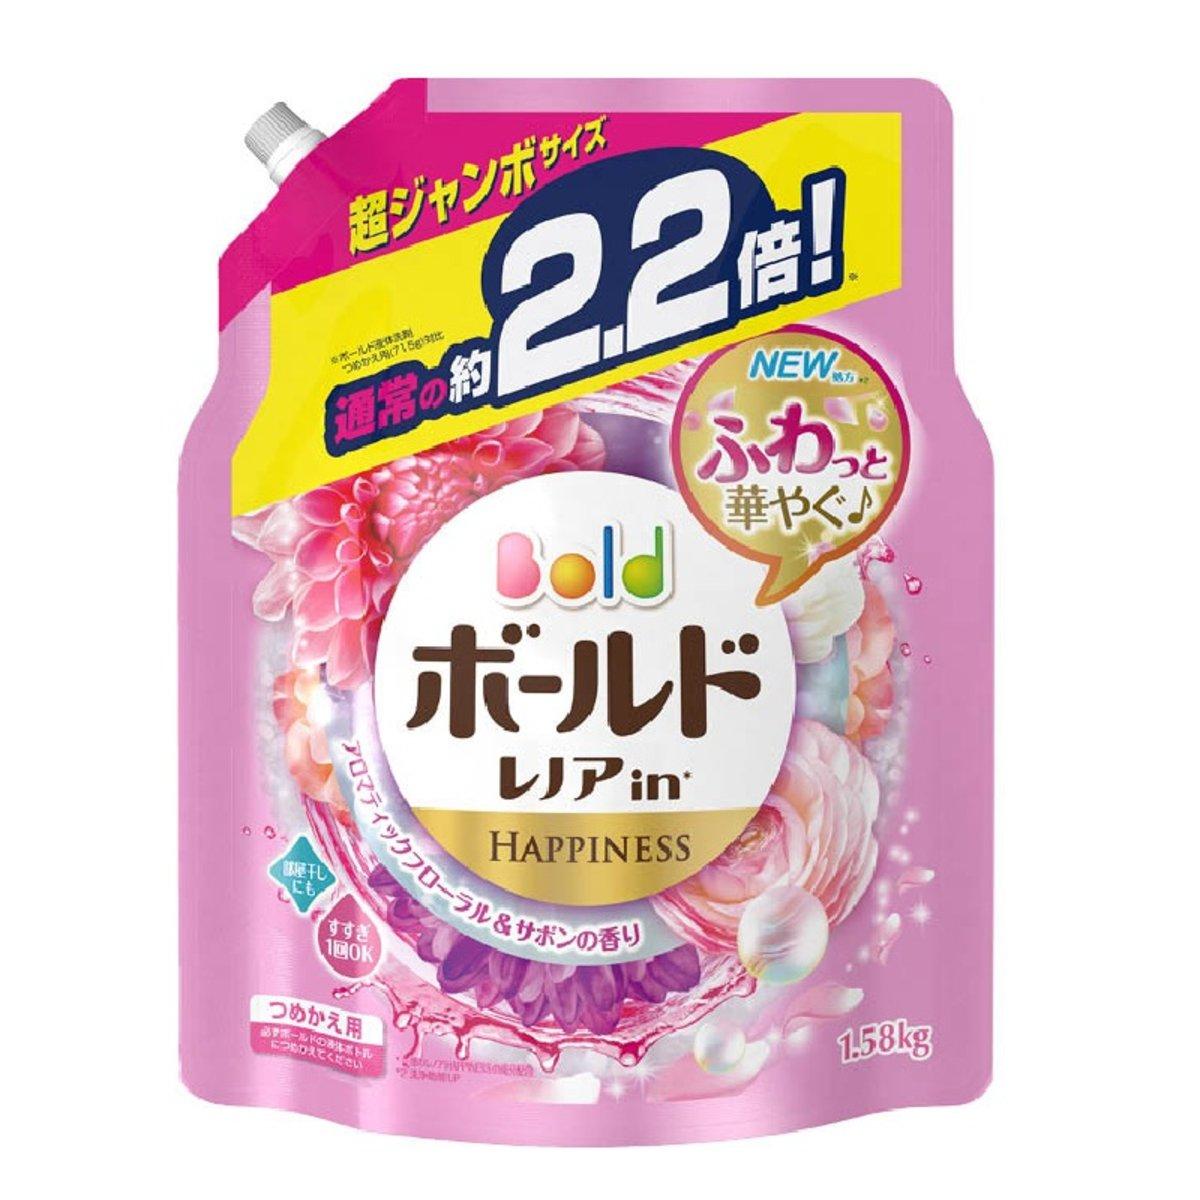 #白金花香 室內曬衣消臭洗衣液超特大補充裝(粉) 1.58kg